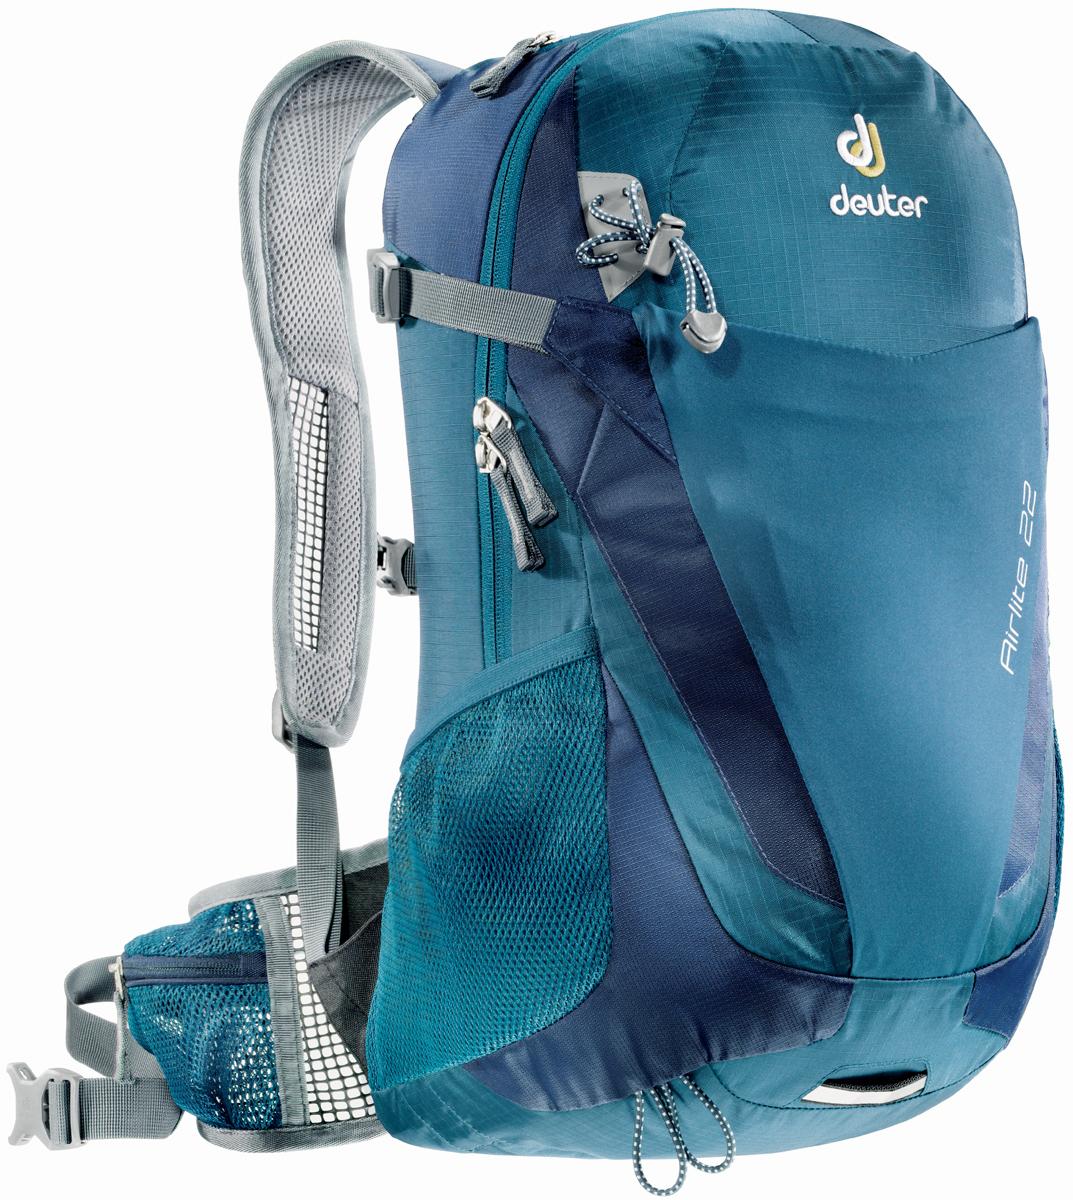 Рюкзак туристический Deuter Airlite, цвет: темно-синий, 22 л рюкзак детский deuter deuter рюкзак deuter junior голубой